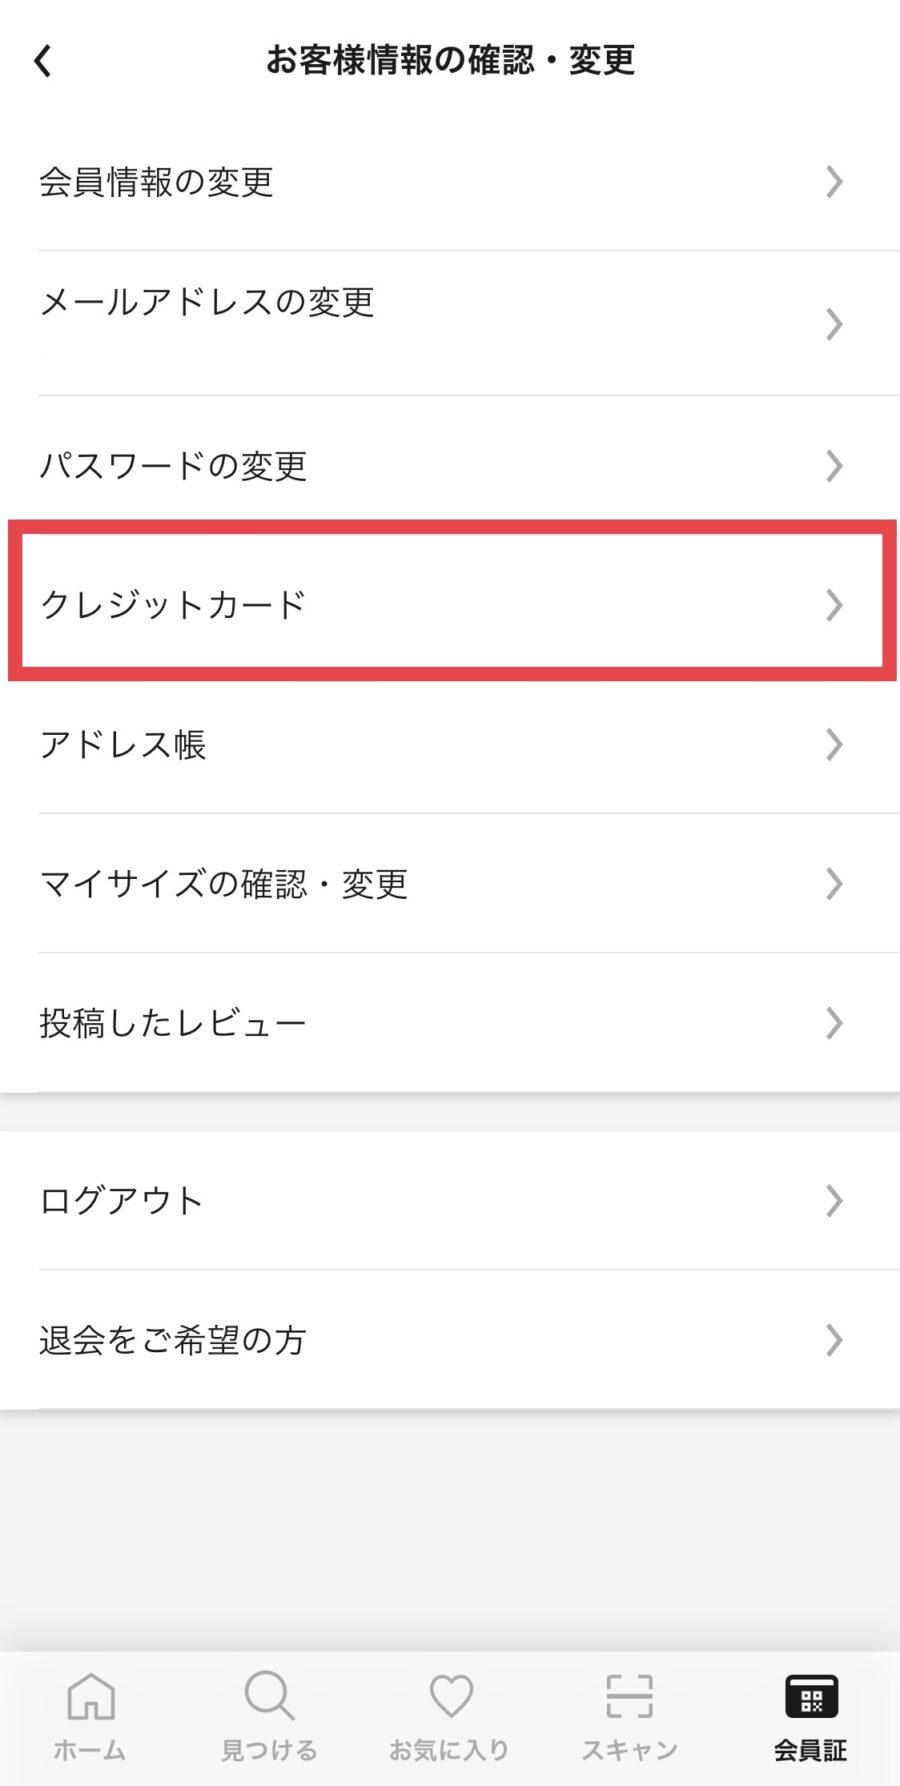 ユニクロ アプリのクレジットカード追加・変更方法3